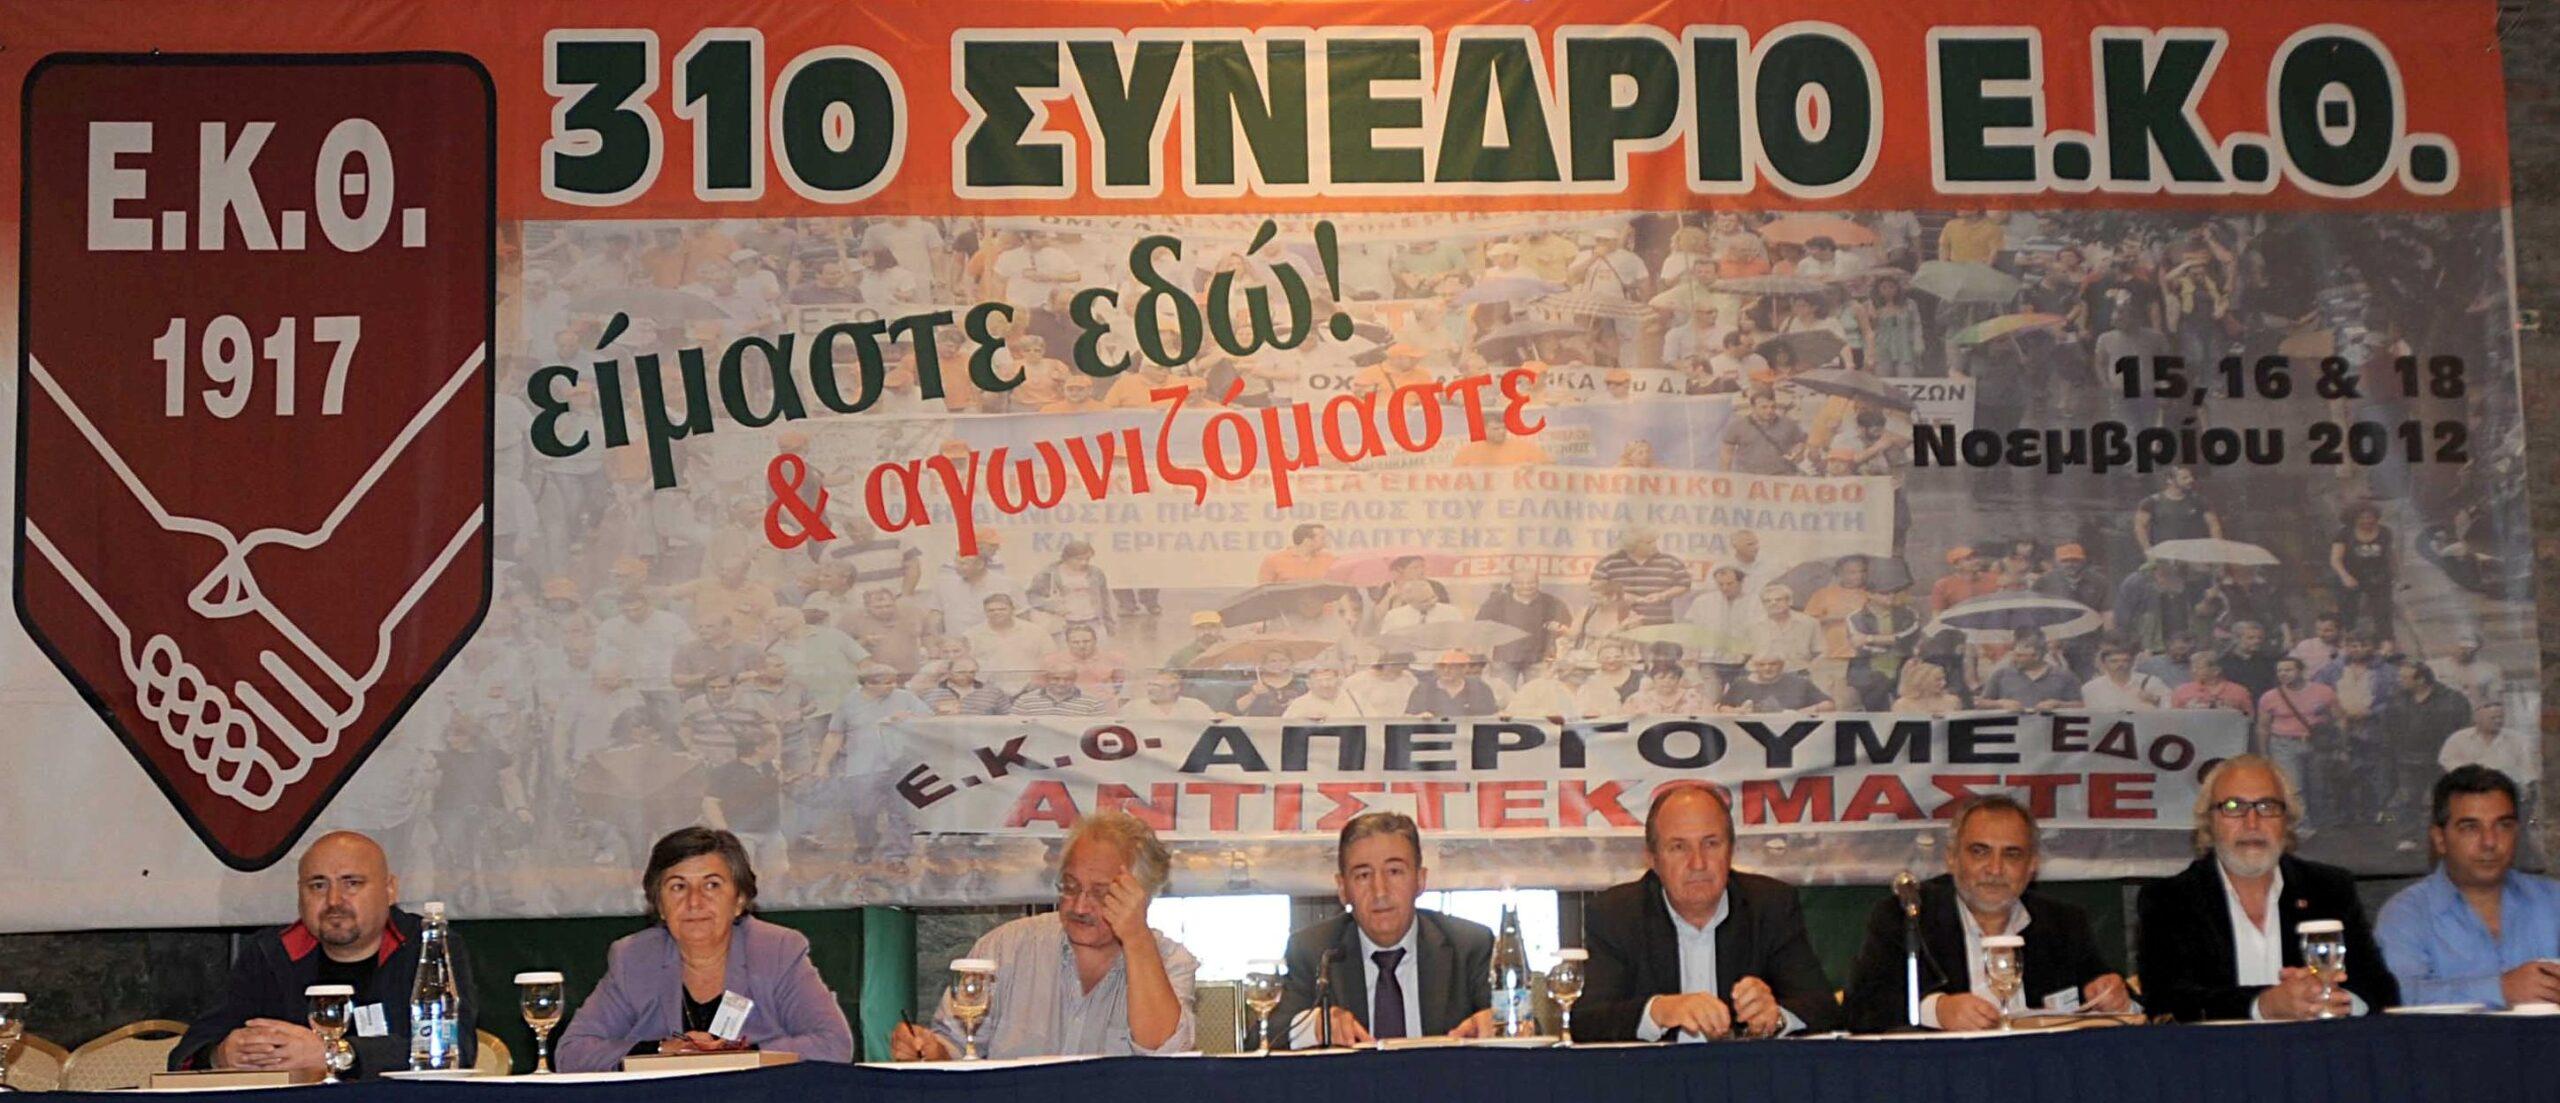 Εγκύκλιος για την προκήρυξη του 32ο Τακτικού Συνεδρίου του Εργατοϋπαλληλικού Κέντρου Θεσσαλονίκης